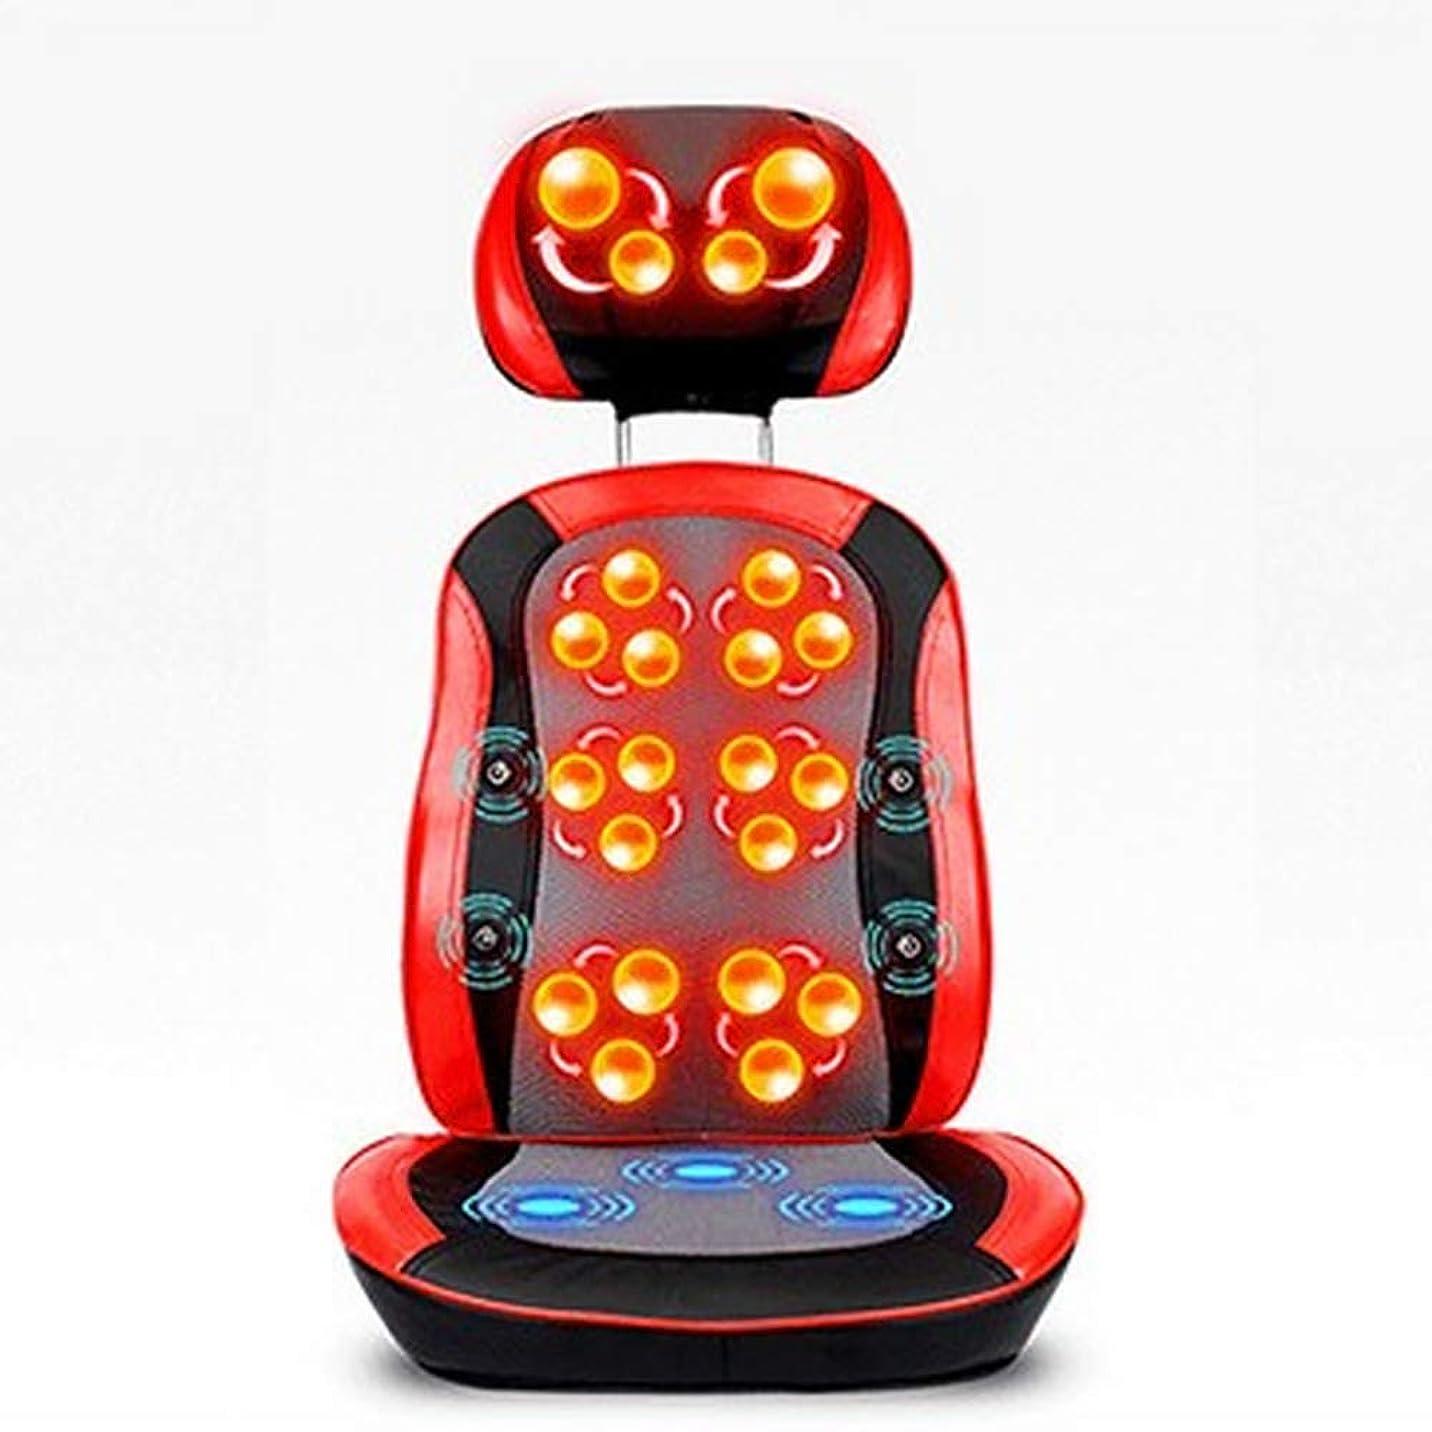 単語優先飢指圧チェアマッサージマッサージャー - リラックスした背中指圧またはローリングマッサージャー、家庭用、オフィス用、車用振動シートクッション付き